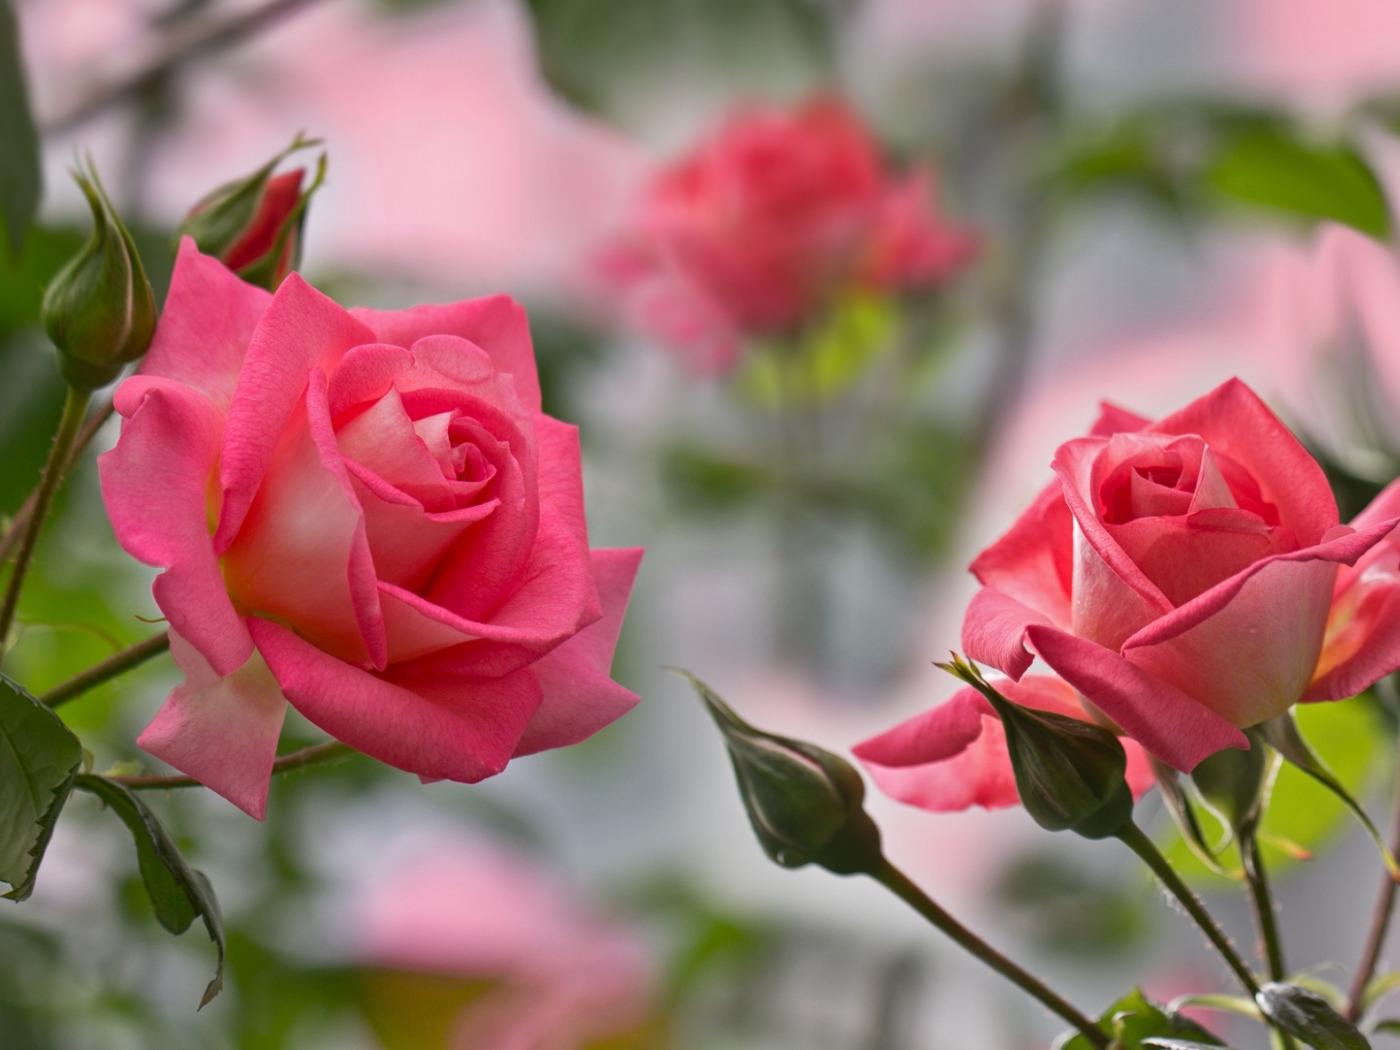 обои для раб стола розовые розы № 583765 без смс